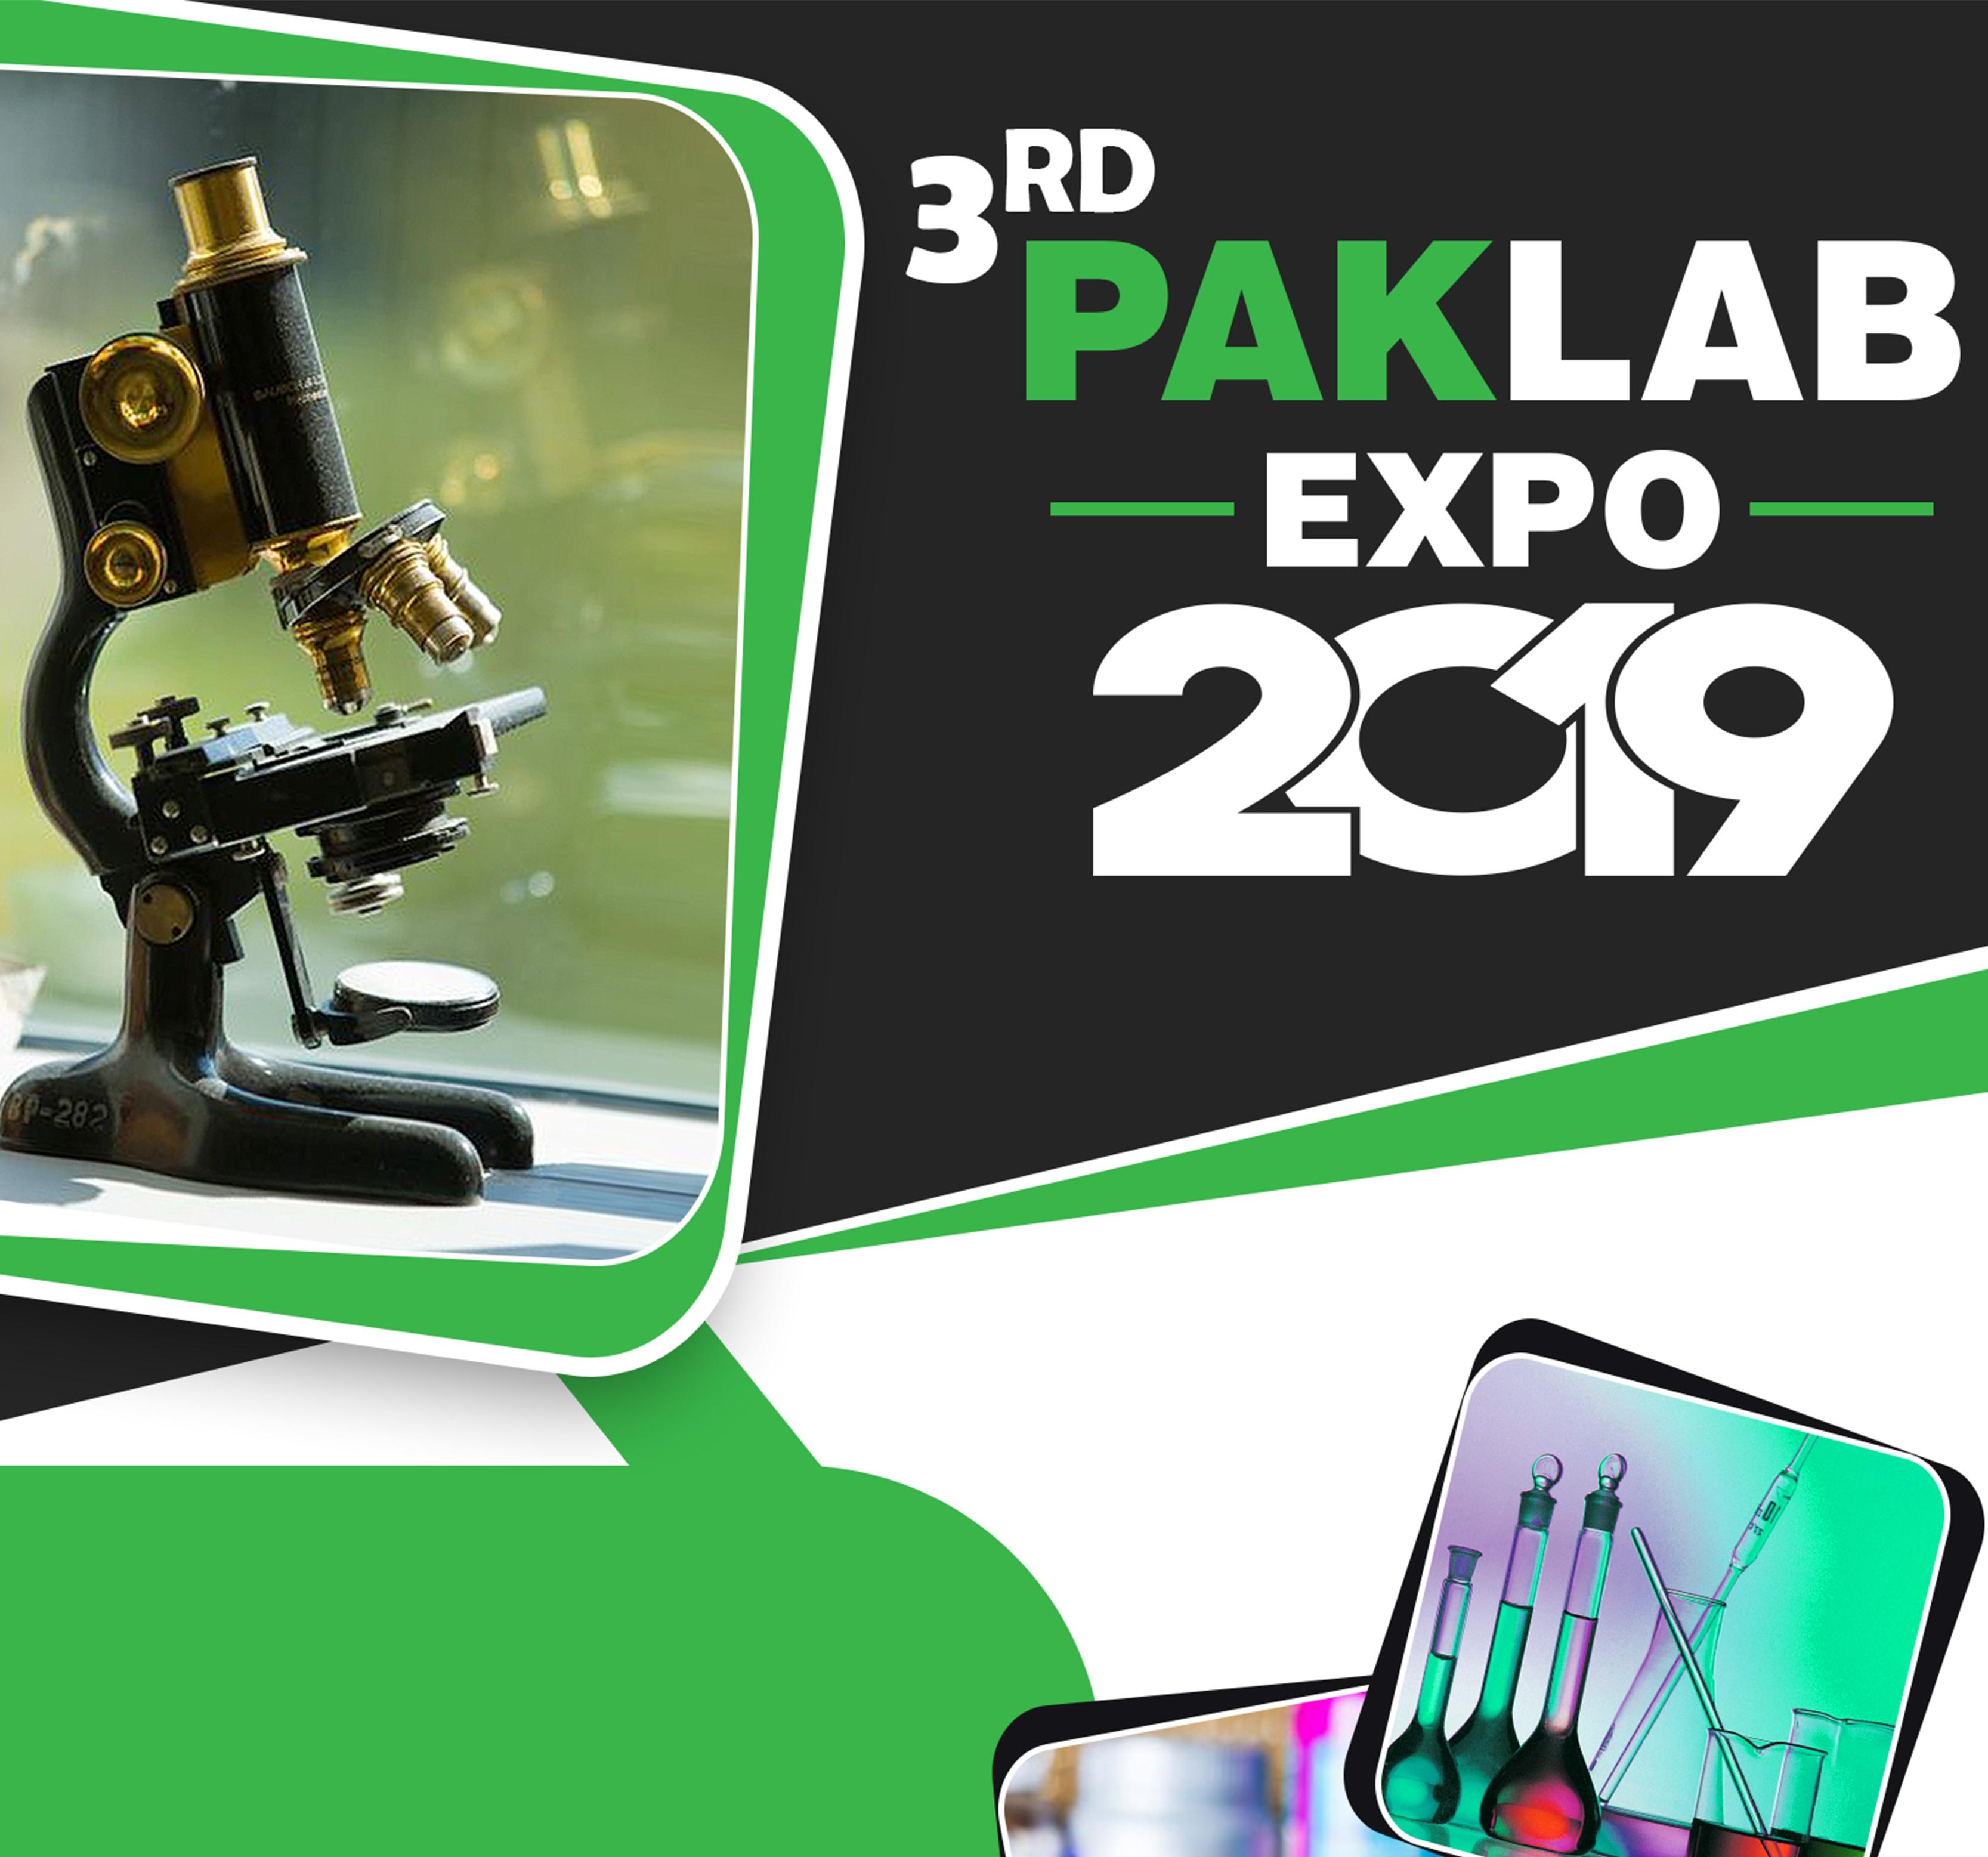 PAKLAB EXPO